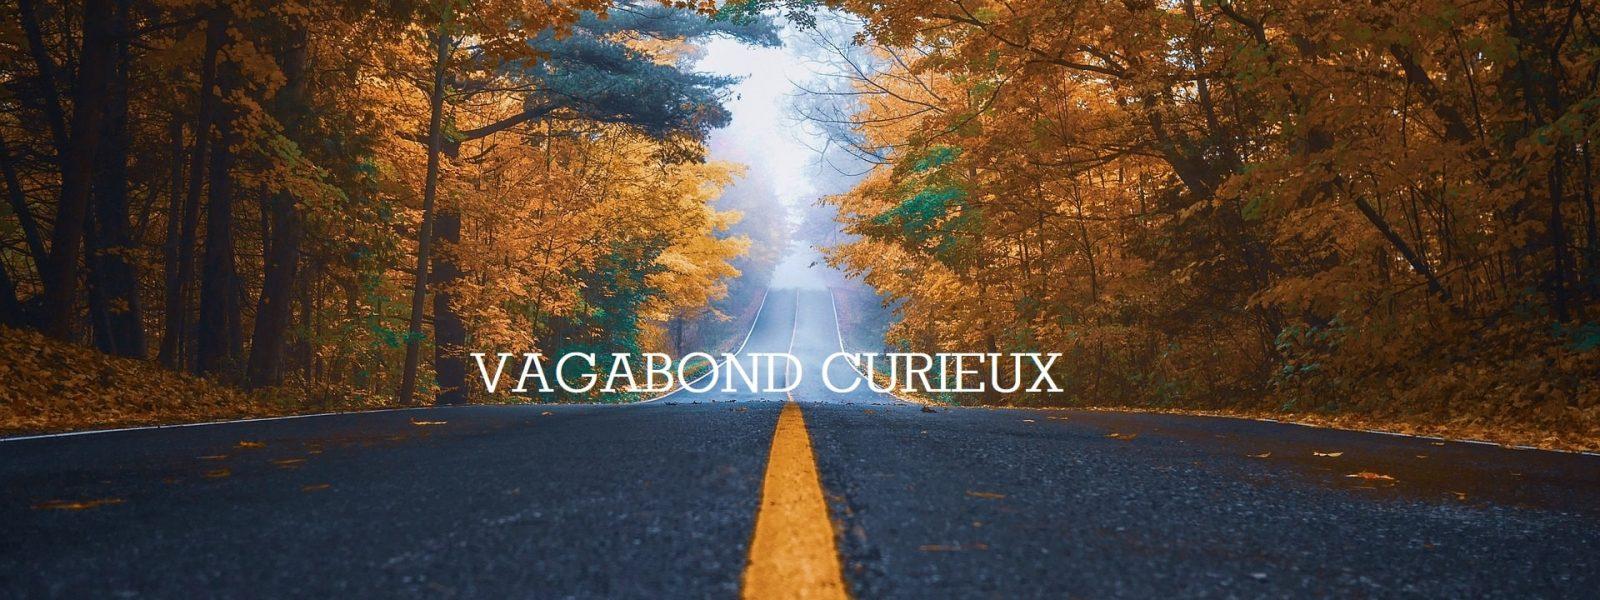 vagabond curieux